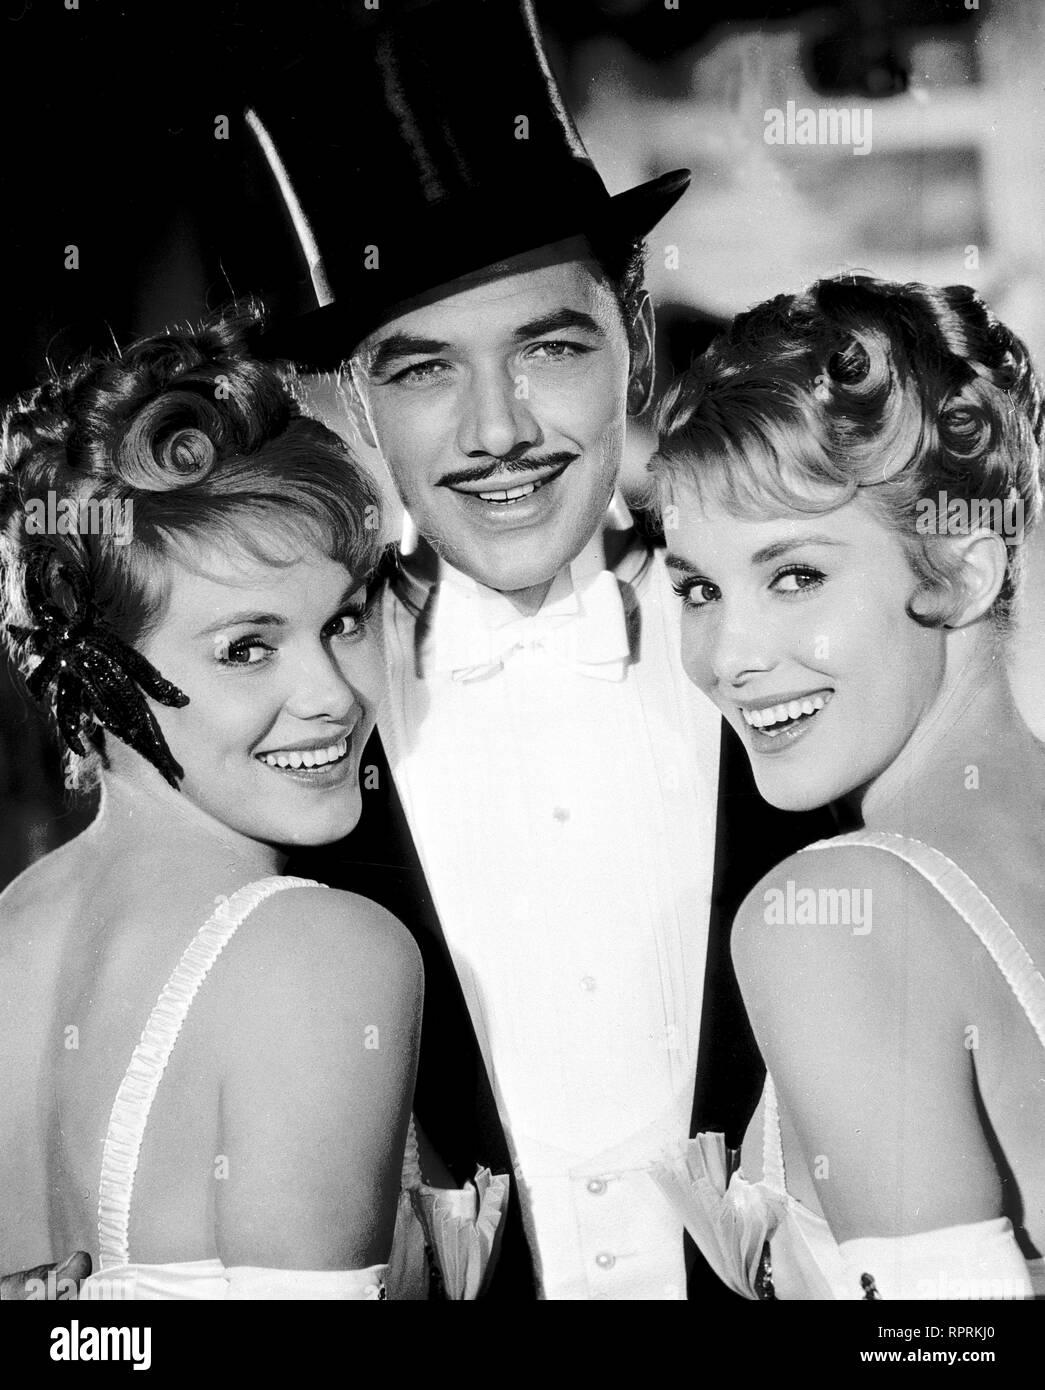 DER GRAF VON LUXEMBURG Deutschland 1957 Werner Jacobs René Graf von Luxemburg (GERHARD RIEDMANN) mit zwei Tänzerinnen (Ellen u. ALICE KESSLER). Stockfoto